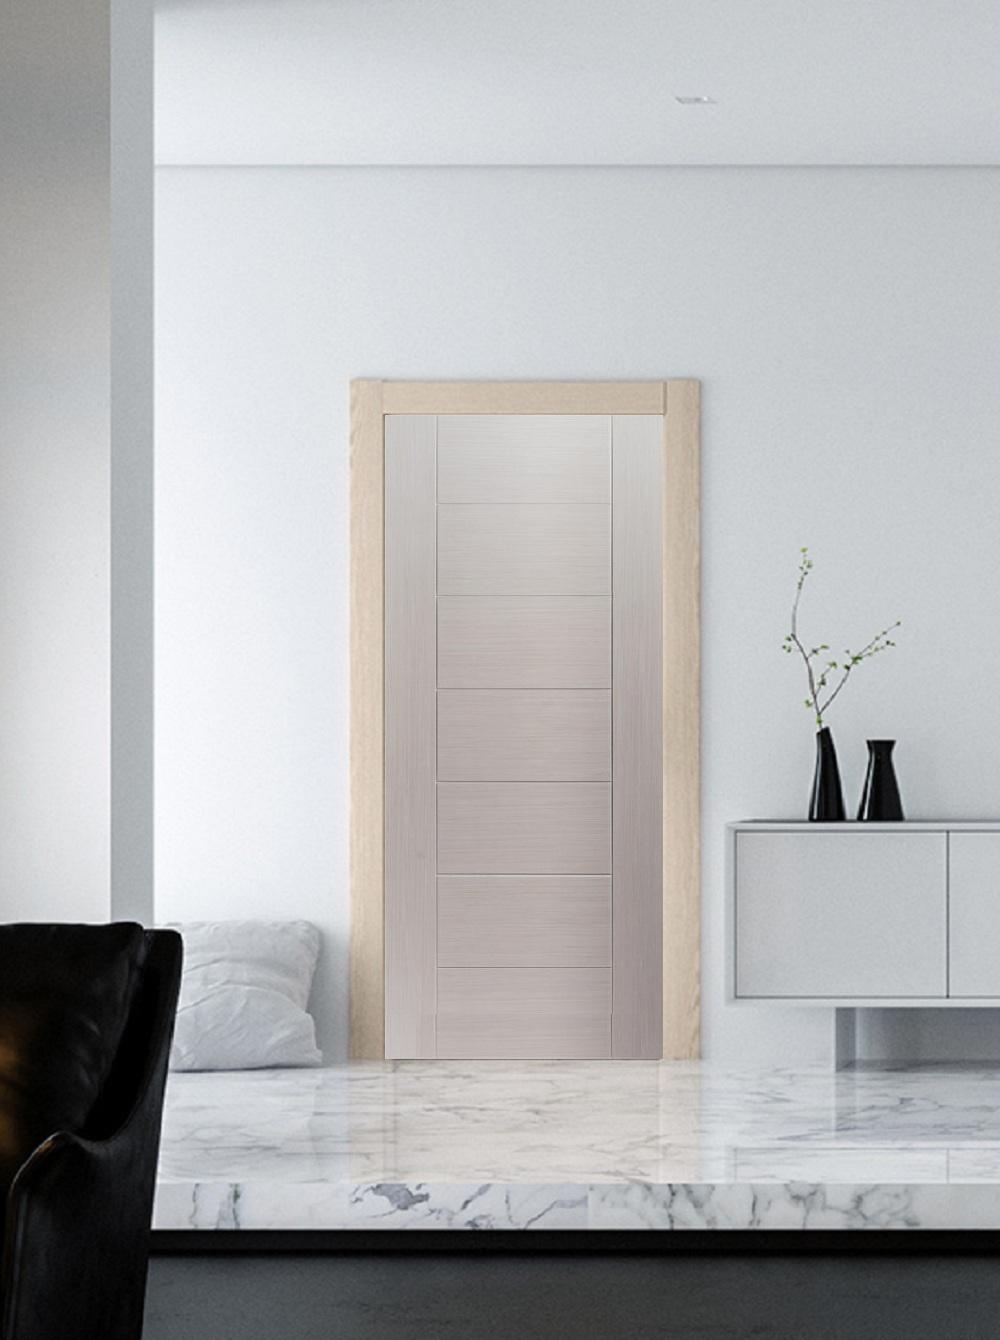 Межкомнатные двери в интерьере - правила подбора и фото идеи дизайна